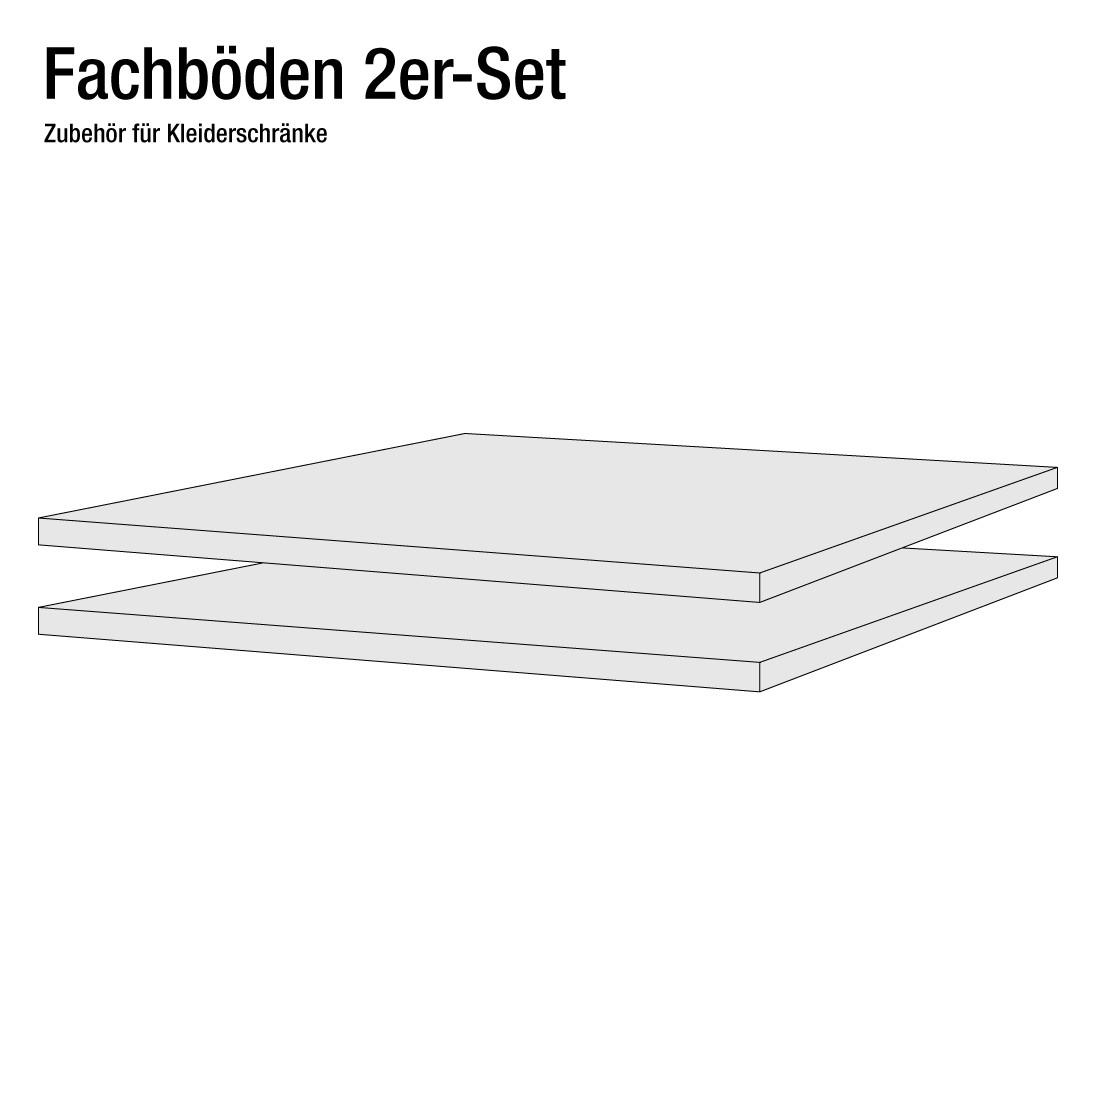 90er Fachboden (2er-Set) - OAKland´s